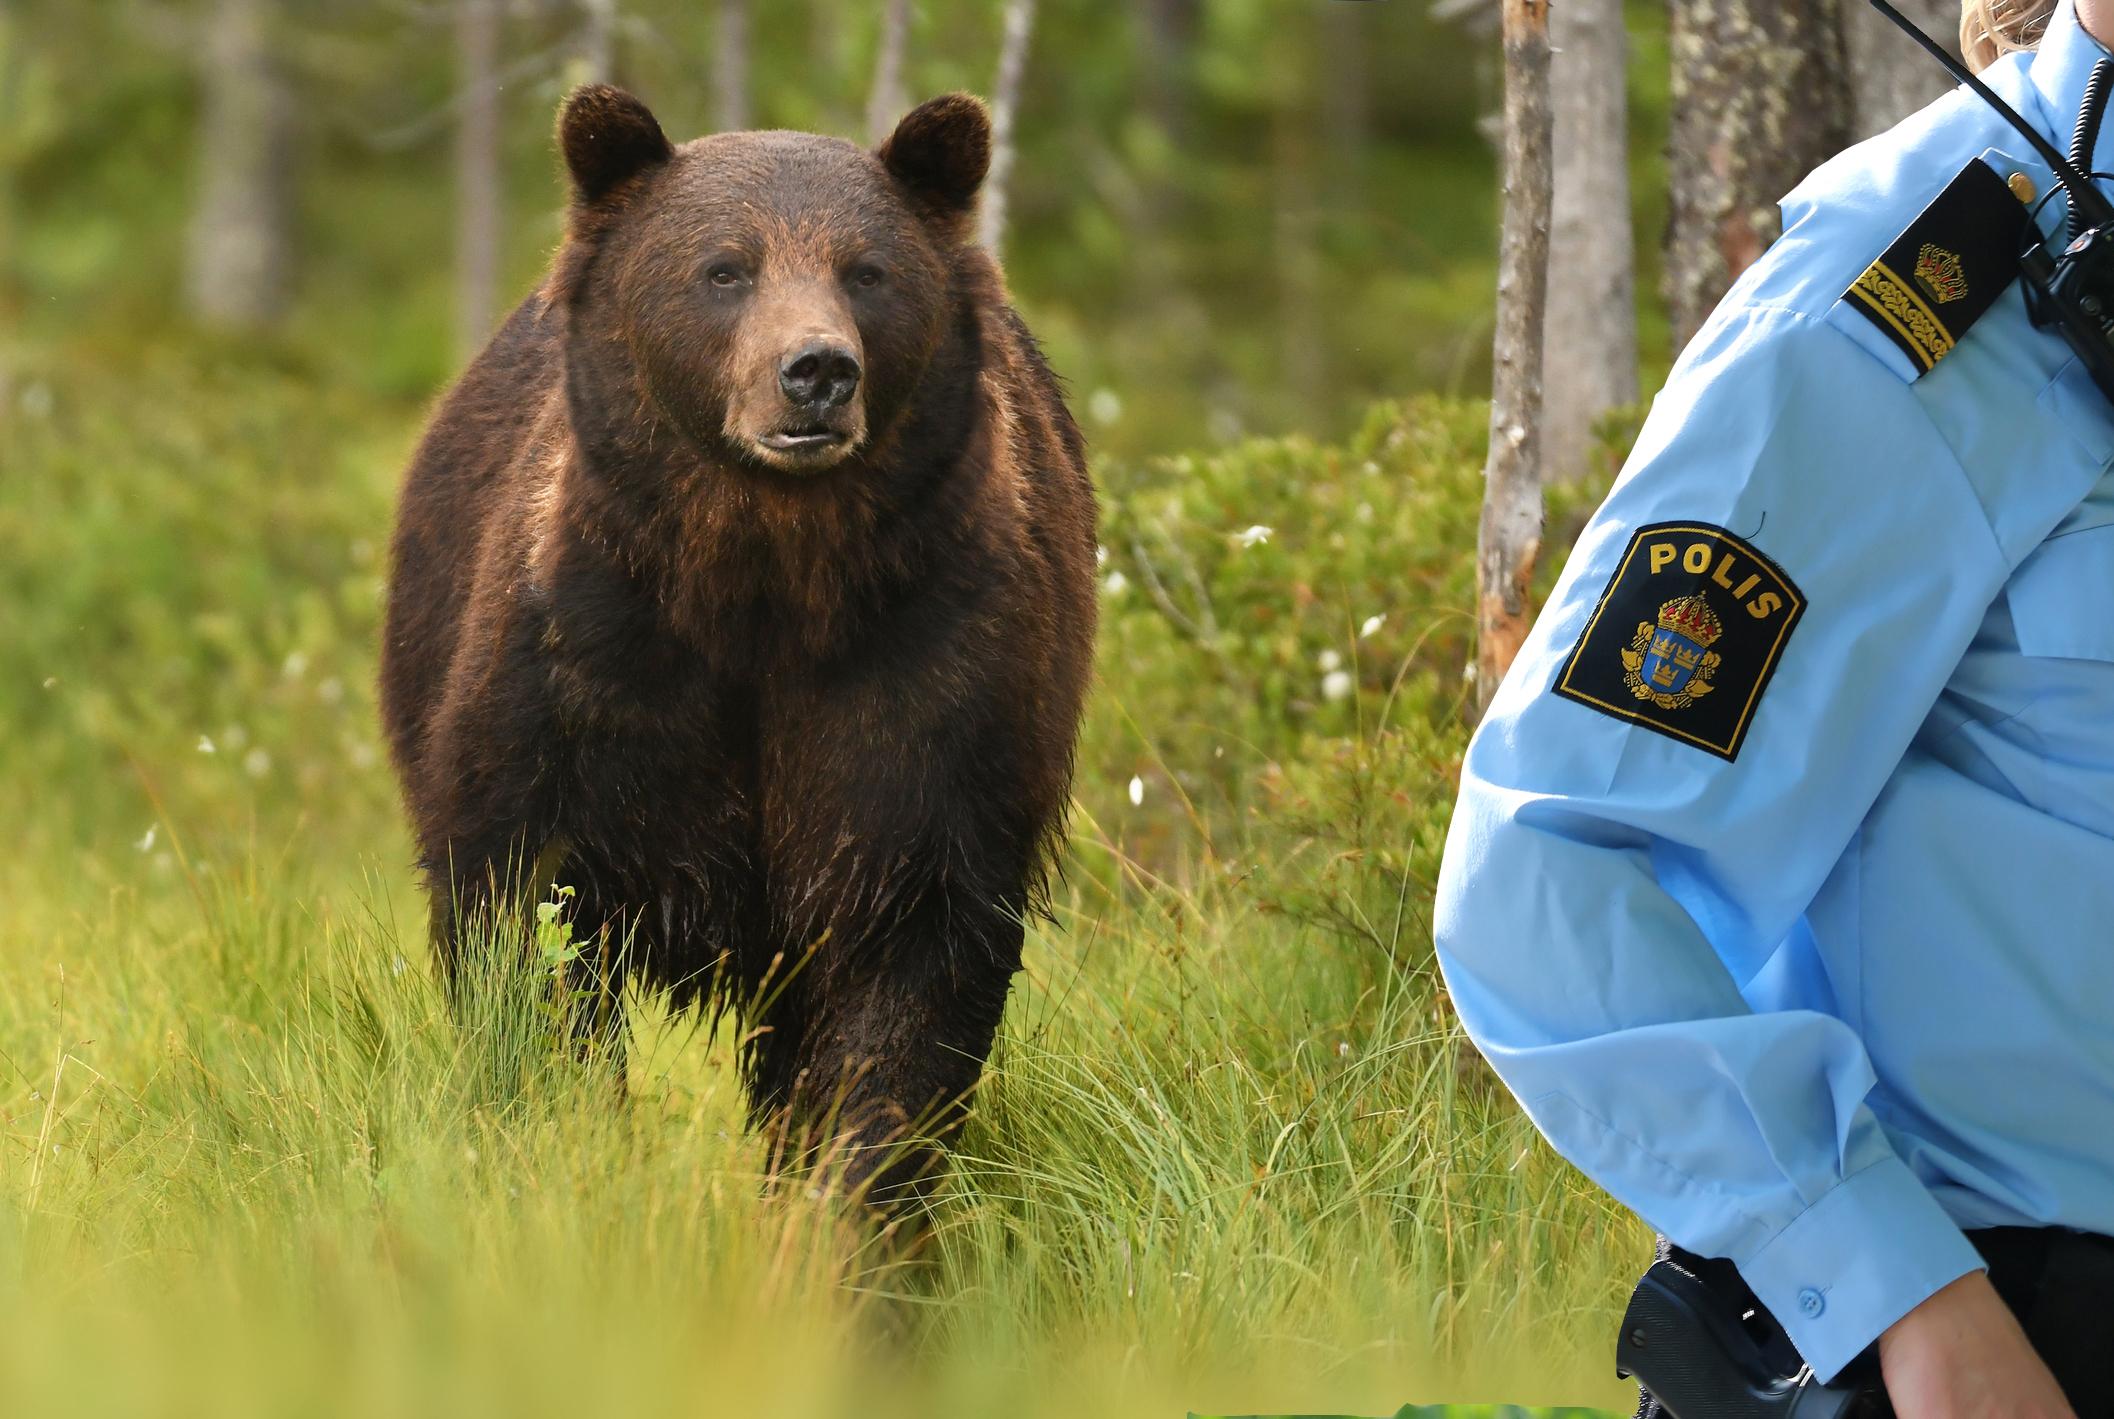 hur många poliser finns det i sverige